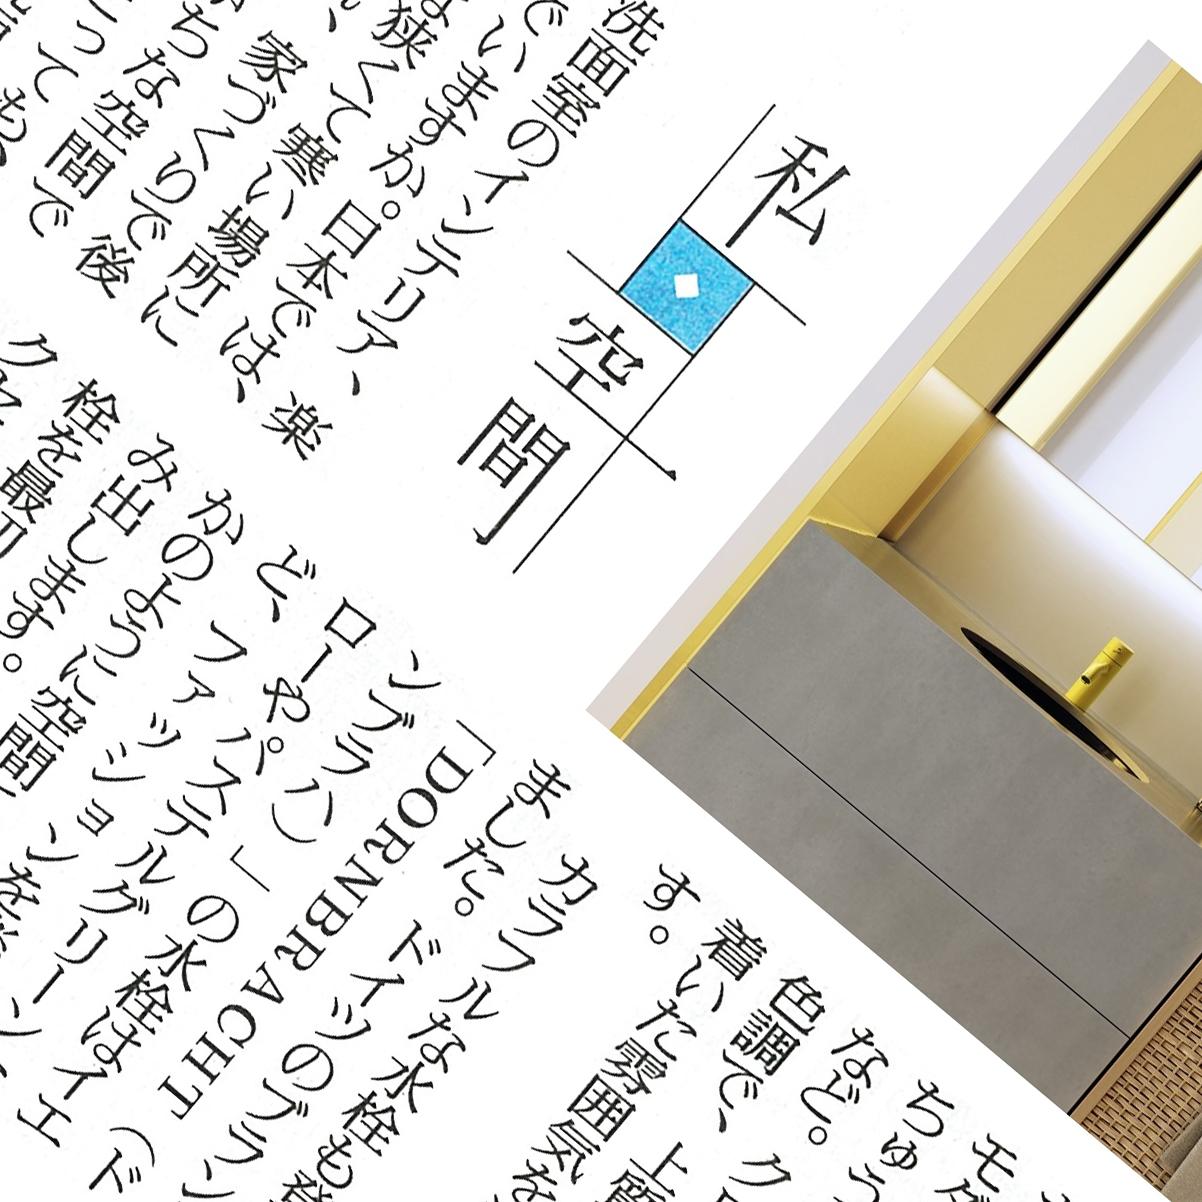 読売新聞夕刊(2020年3月4日号)「私・空間」コラム